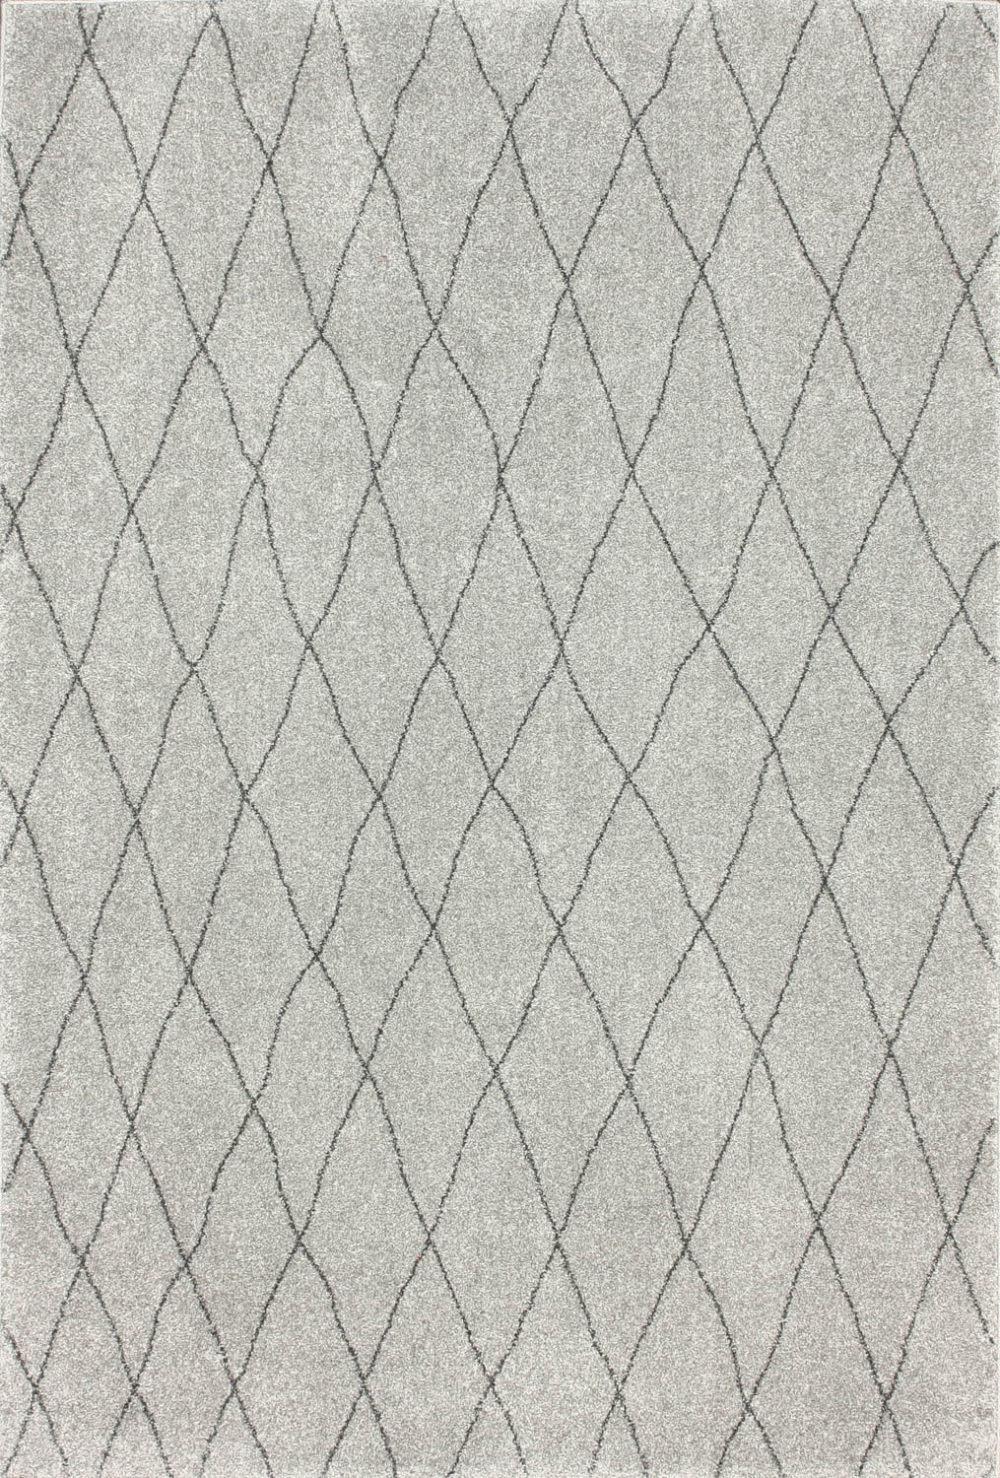 国外最新精品地毯768P(继续更新209P精品)_wcw (143).jpg